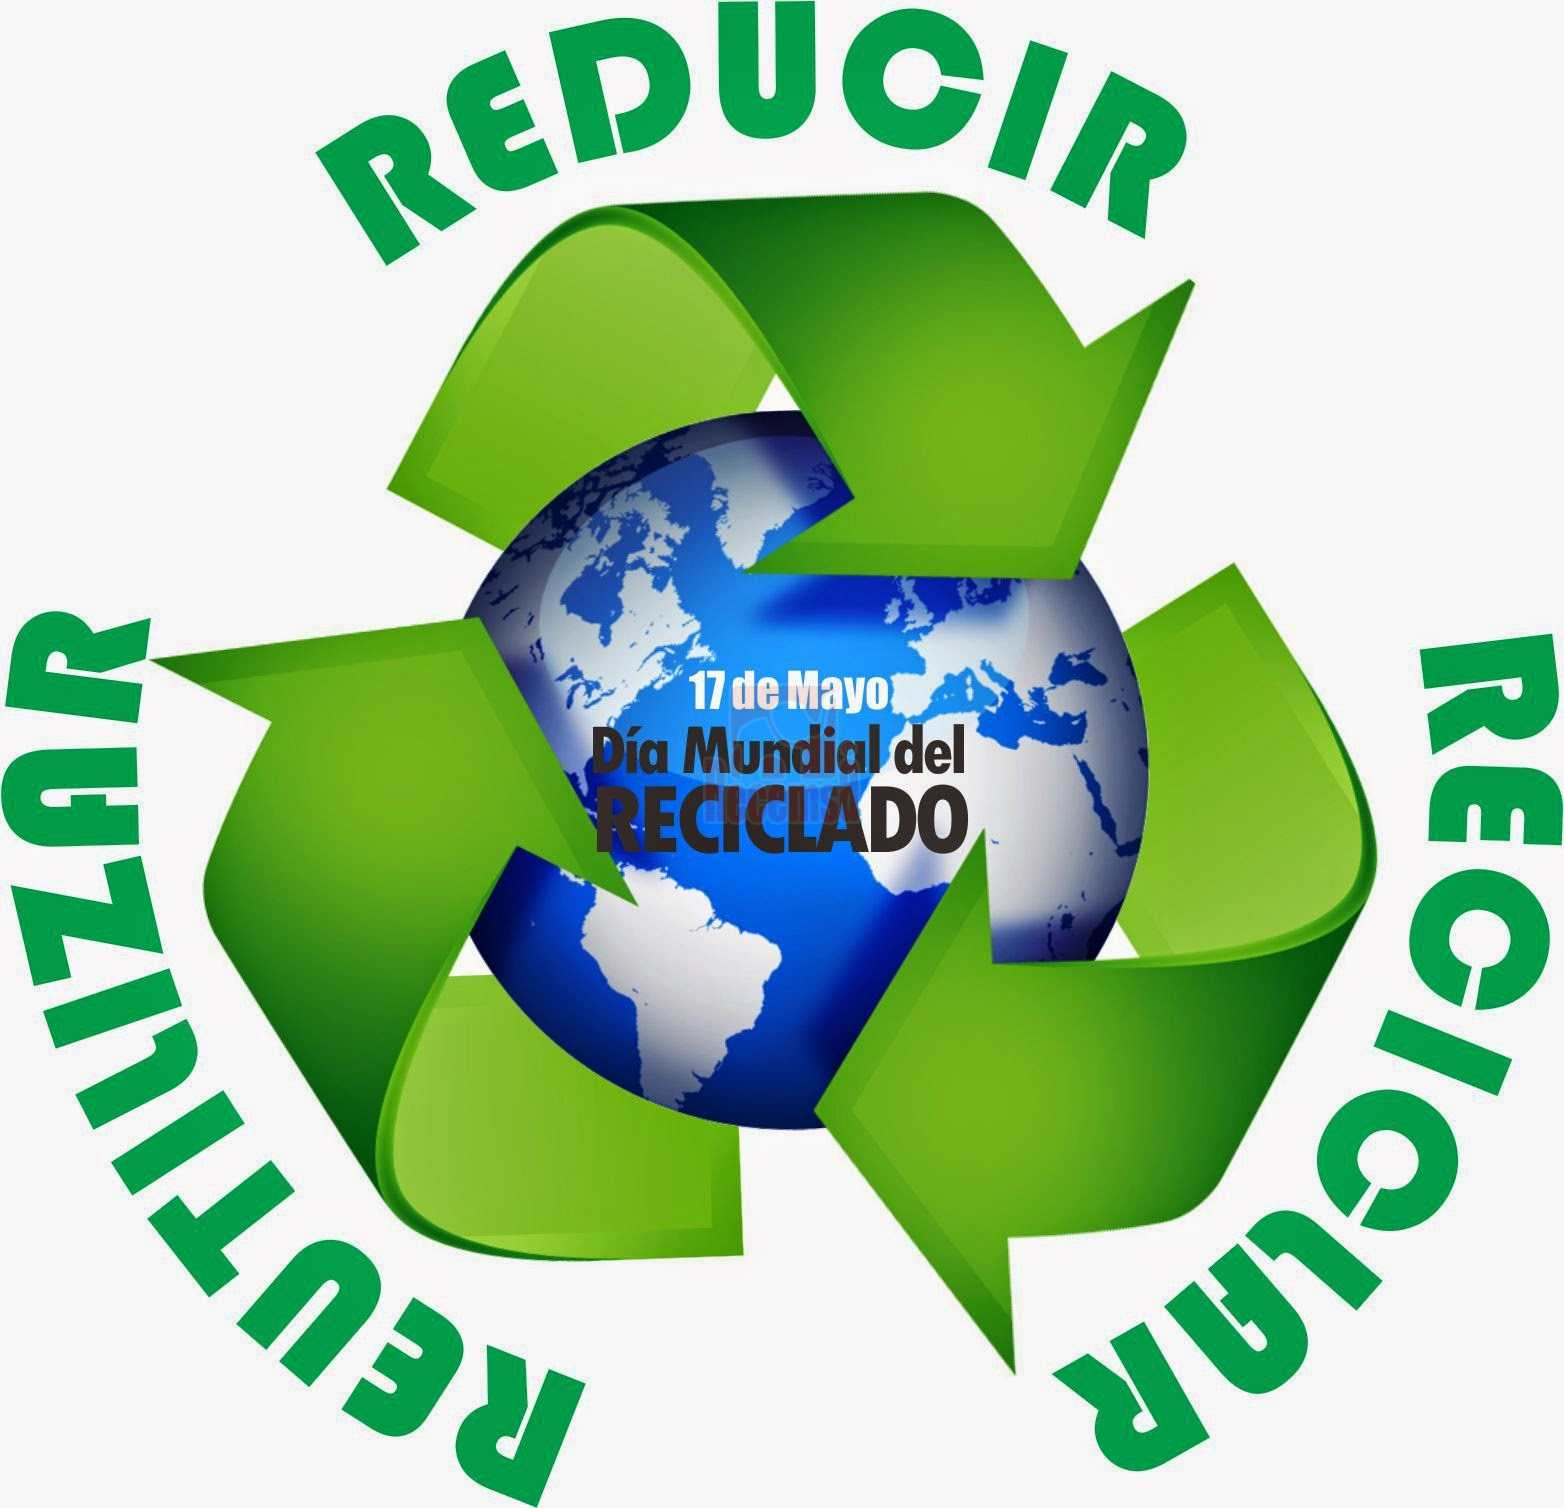 El Significado De Los Símbolos De Reciclaje | Recemsa, El Chatarrero